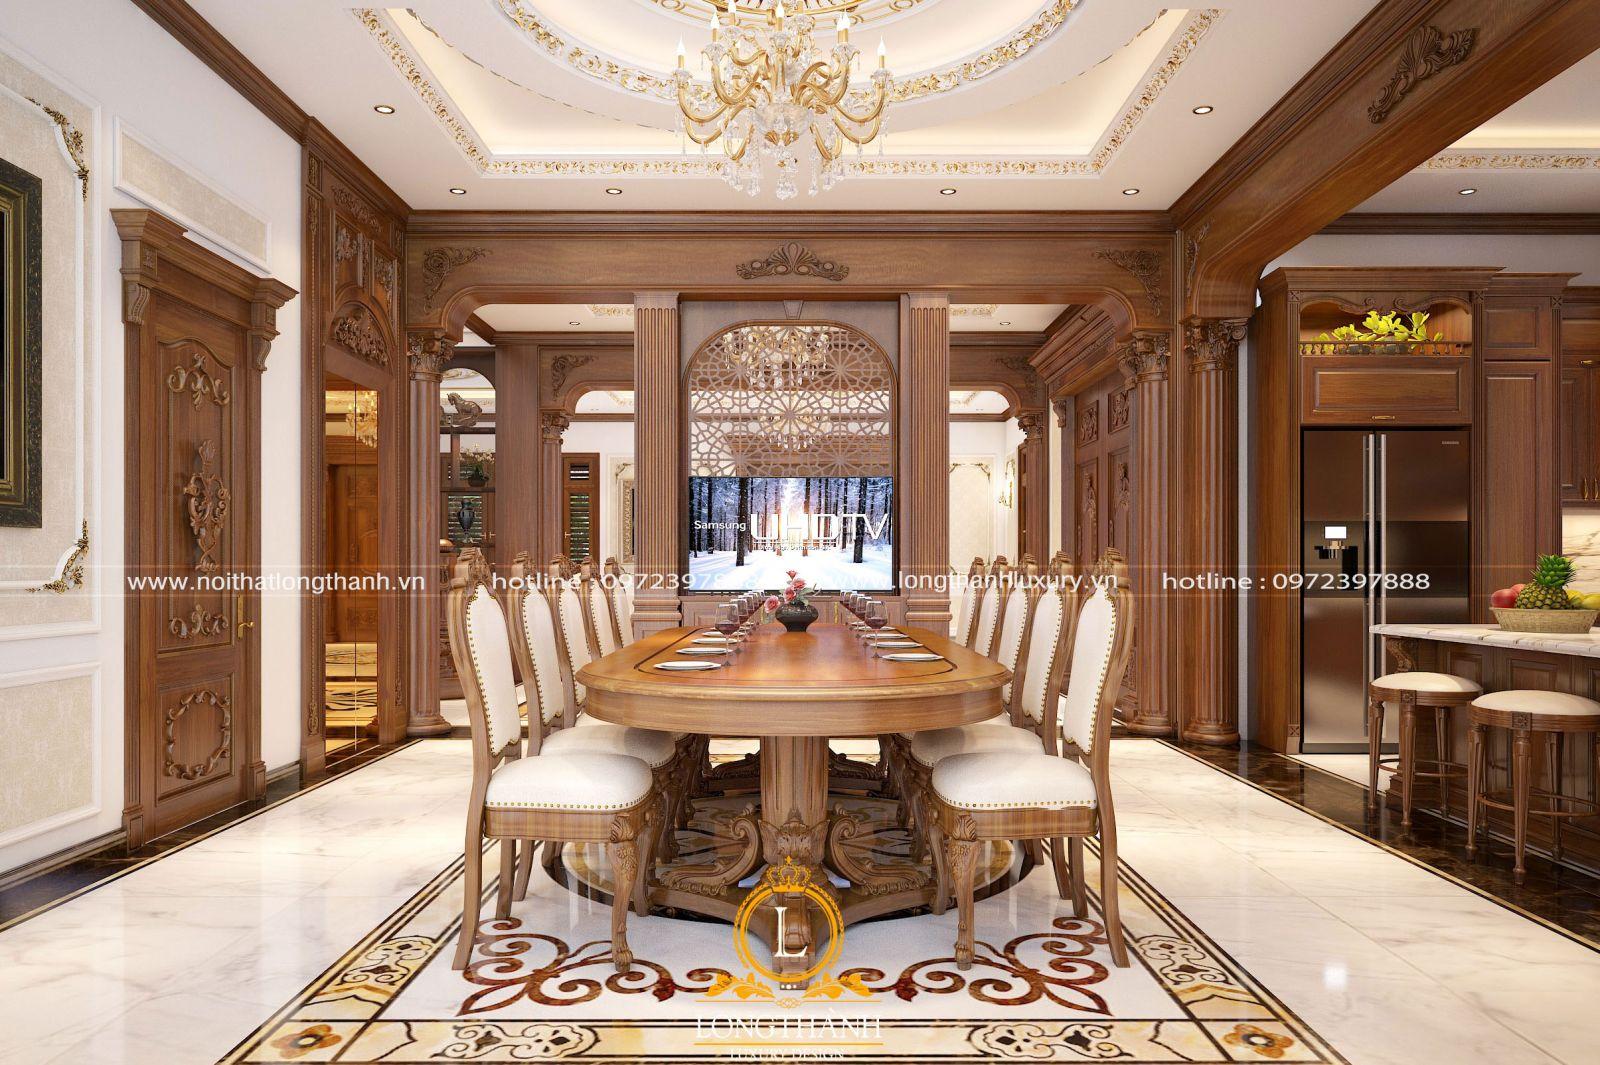 Mẫu bàn ăn tân cổ điển 10 ghế cho biệt thự